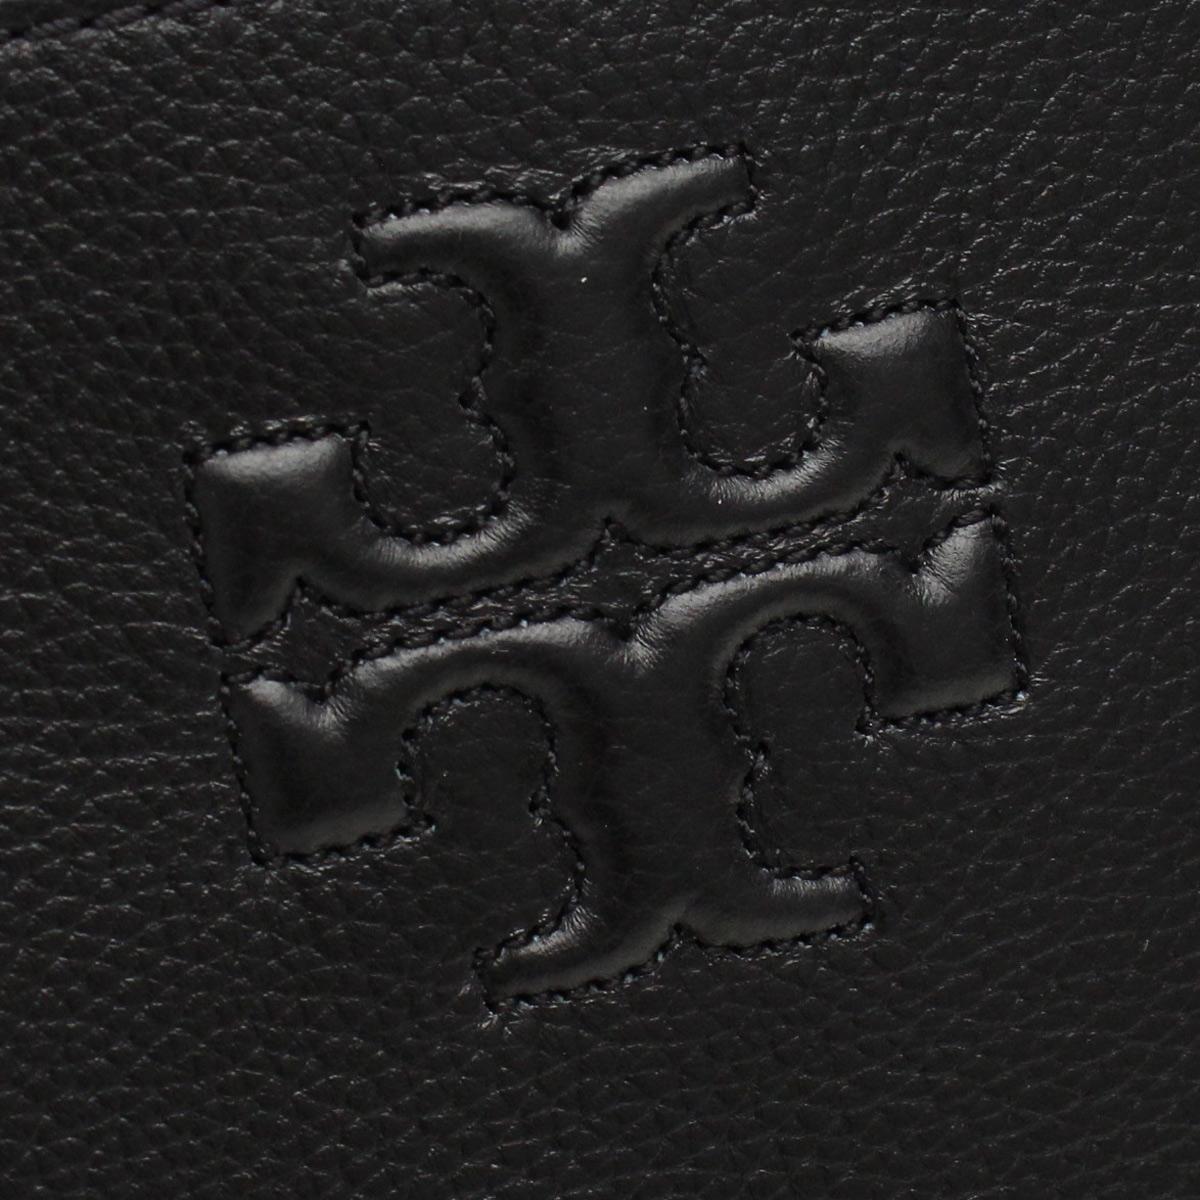 새-바치(TORY BURCH) ELLA 토트 백 41159501 009 BLACK/BLACK 블랙